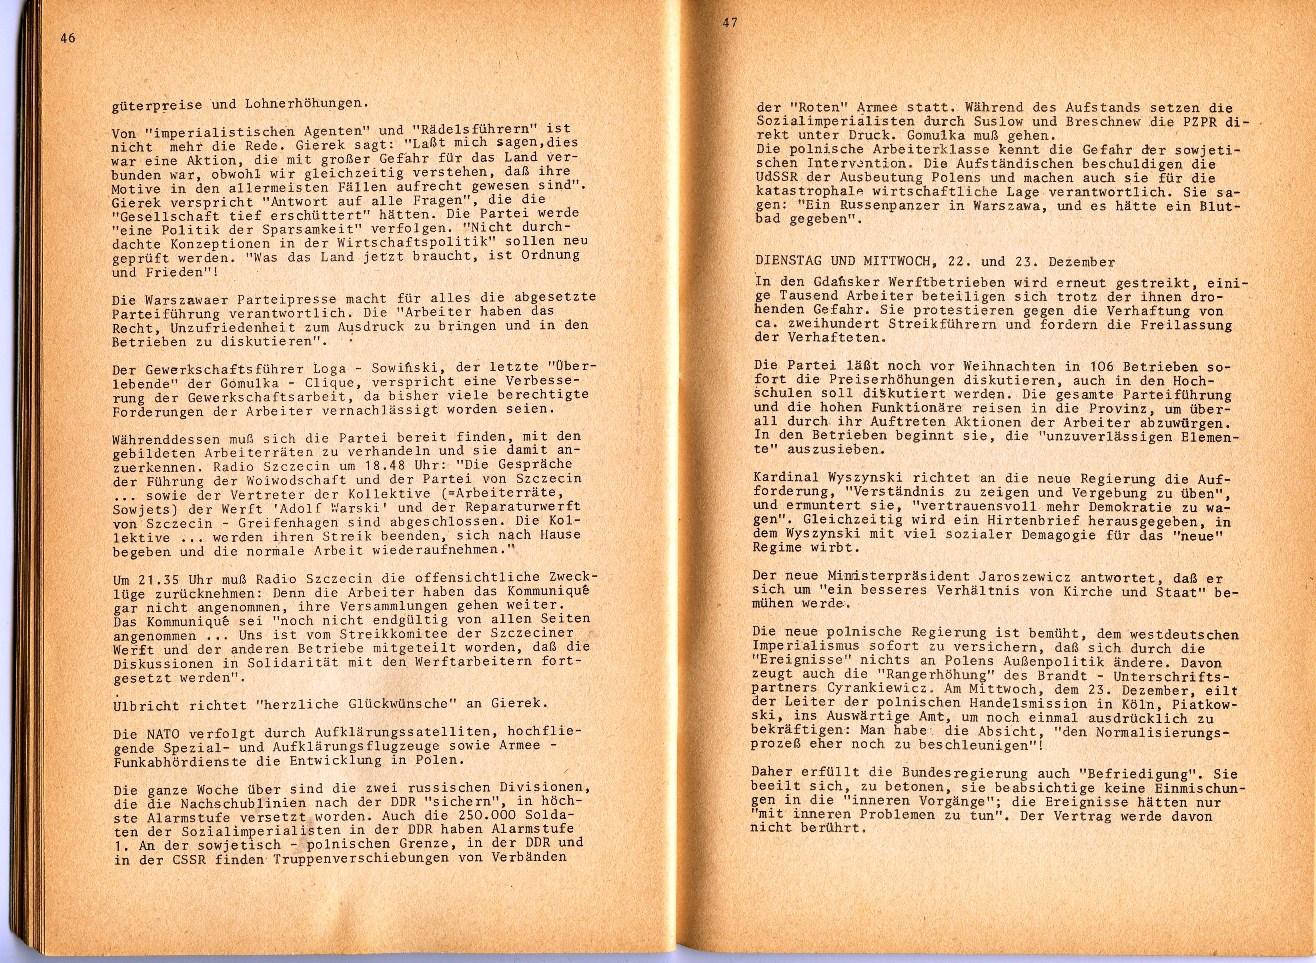 ZB_Polen_Aufstand_1971_27